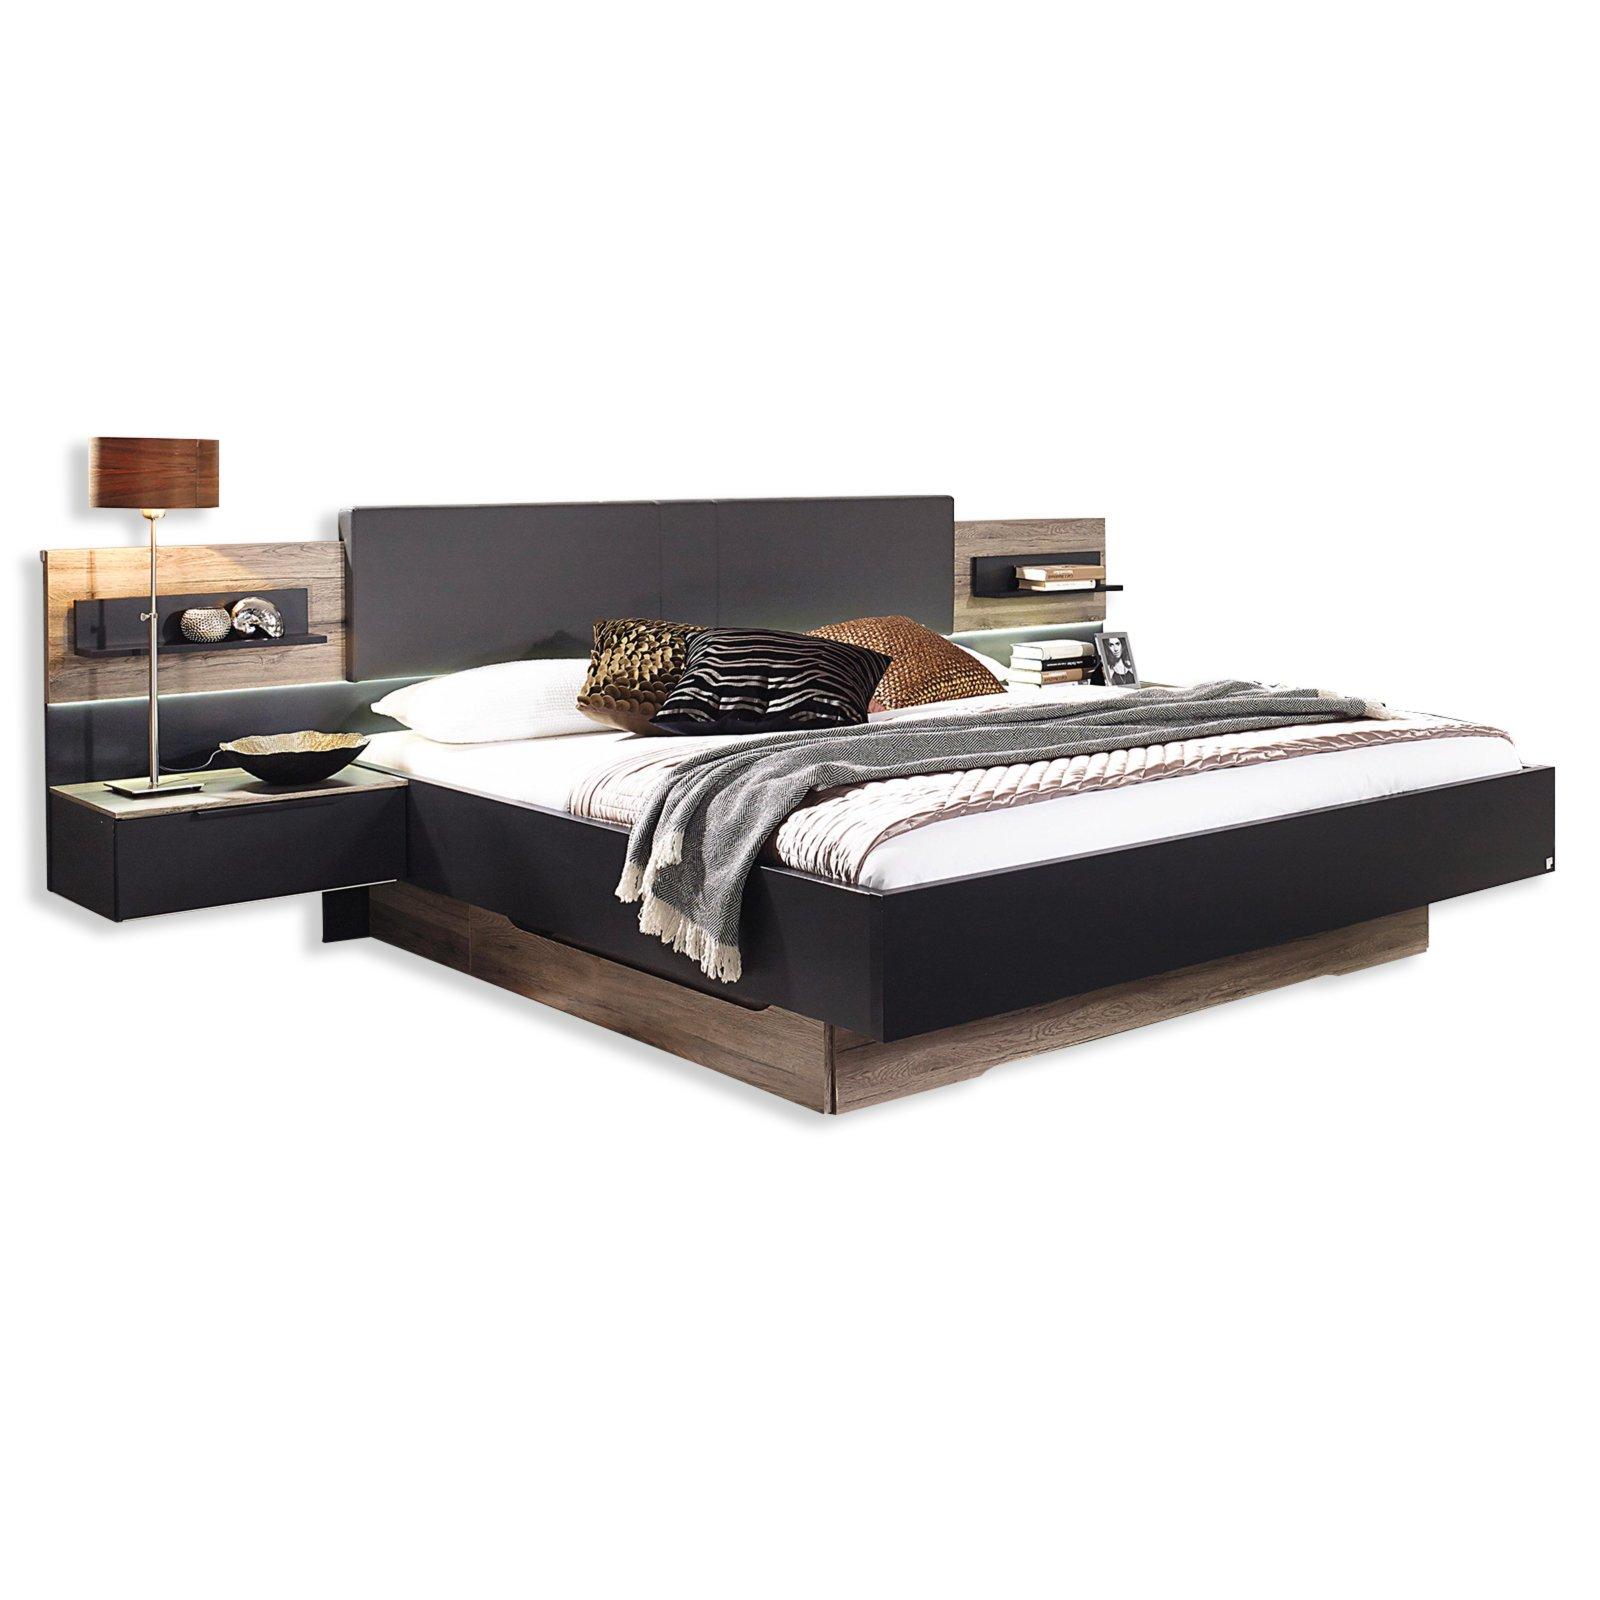 bettanlage tameo eiche sanremo schwarz 180x200 cm bettgestelle betten m bel roller. Black Bedroom Furniture Sets. Home Design Ideas